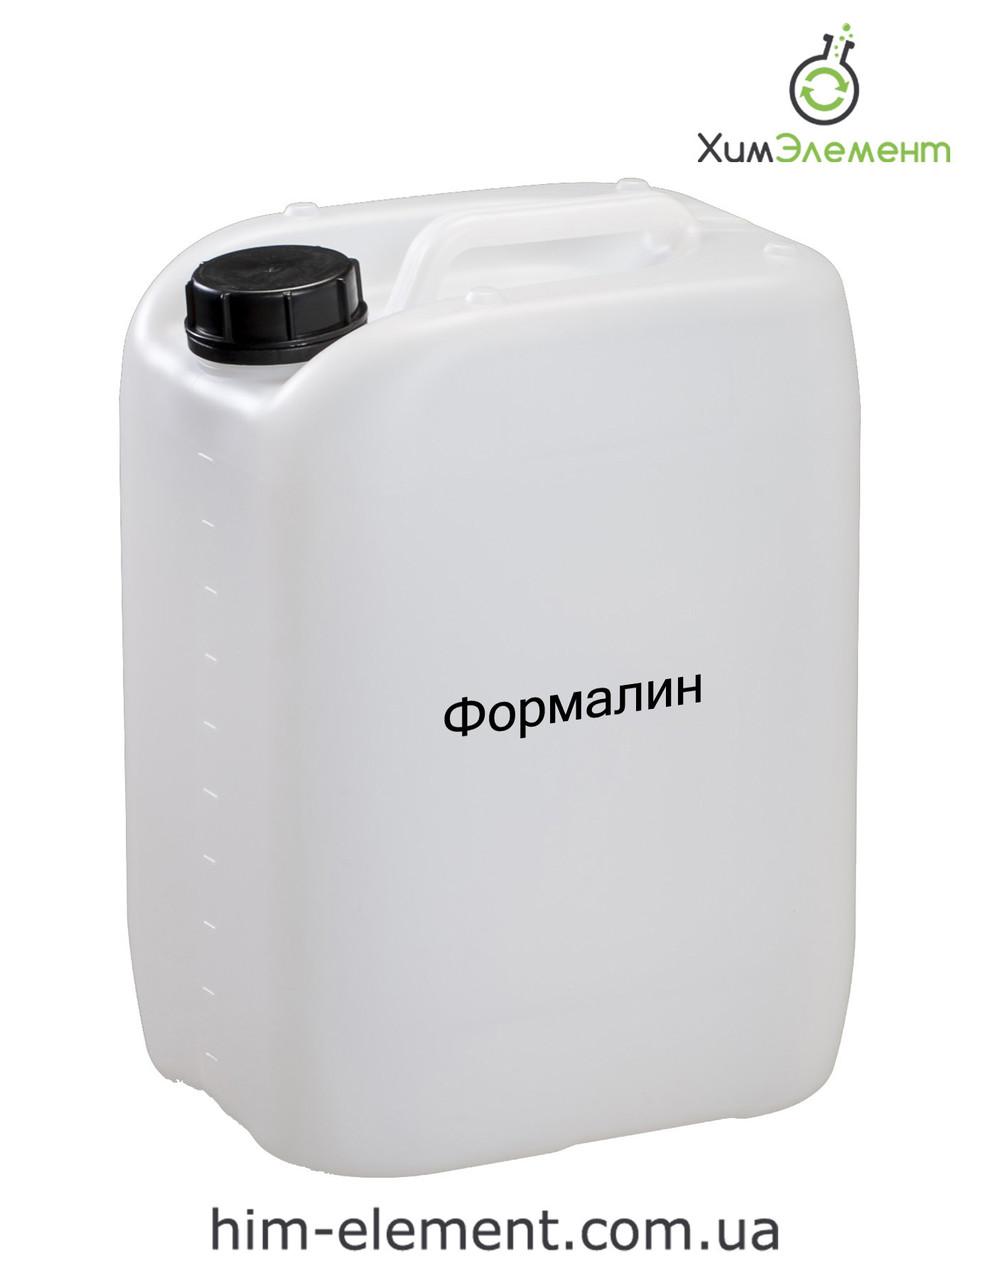 Формалин Канистра 10 л, 11 кг (Минимальный заказ 3 канистры) , цена ... bce4b2dbe33